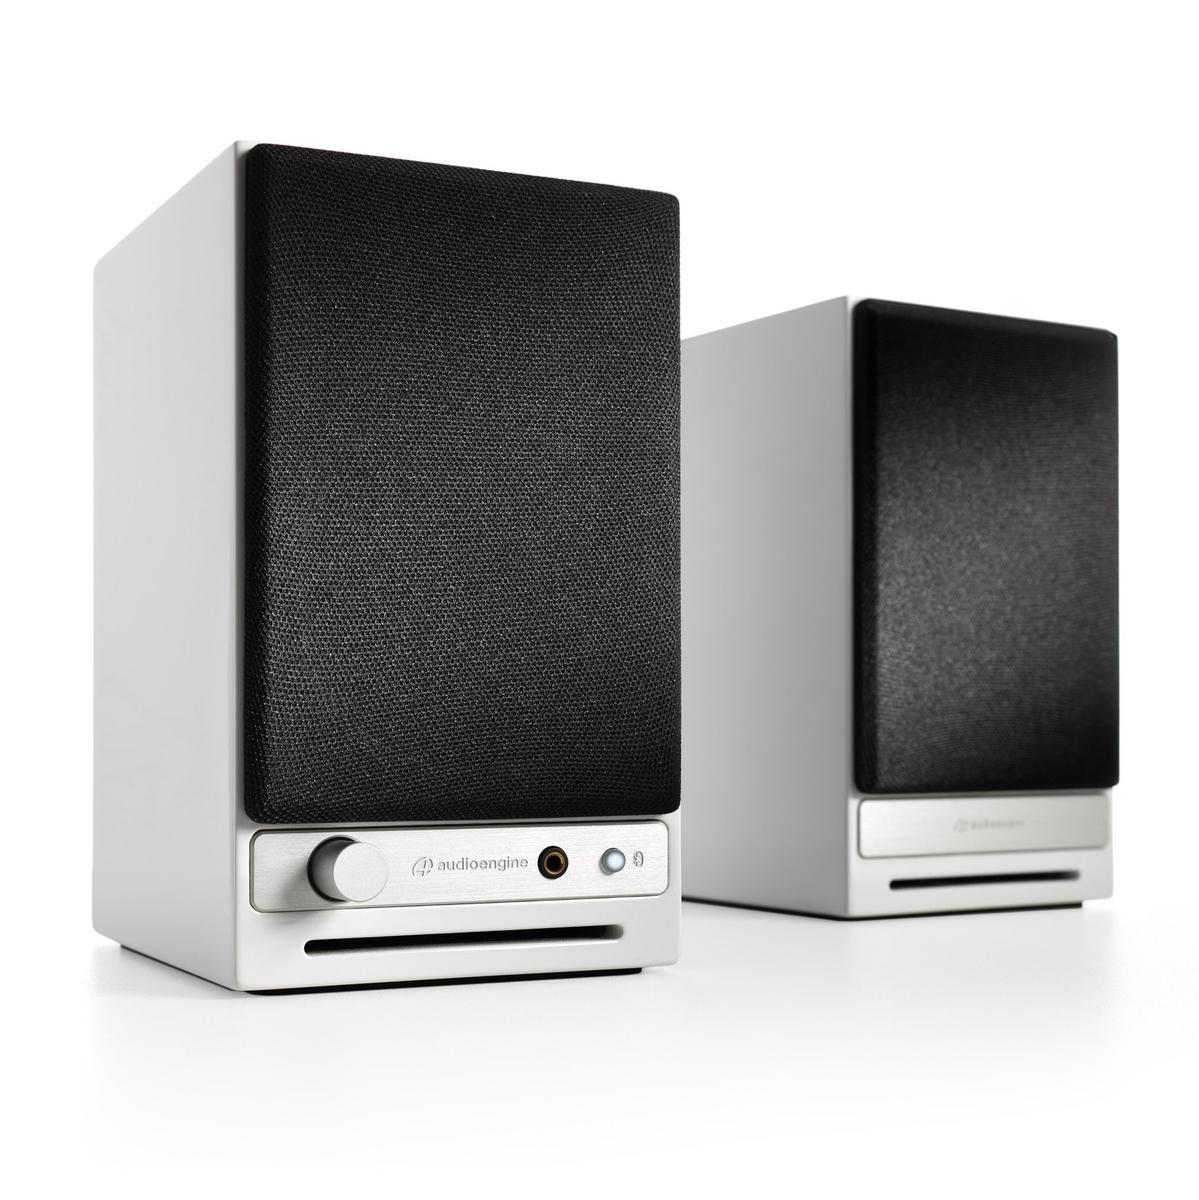 Audioengine HD3-WHT 60 W 2.0 Channel Speakers